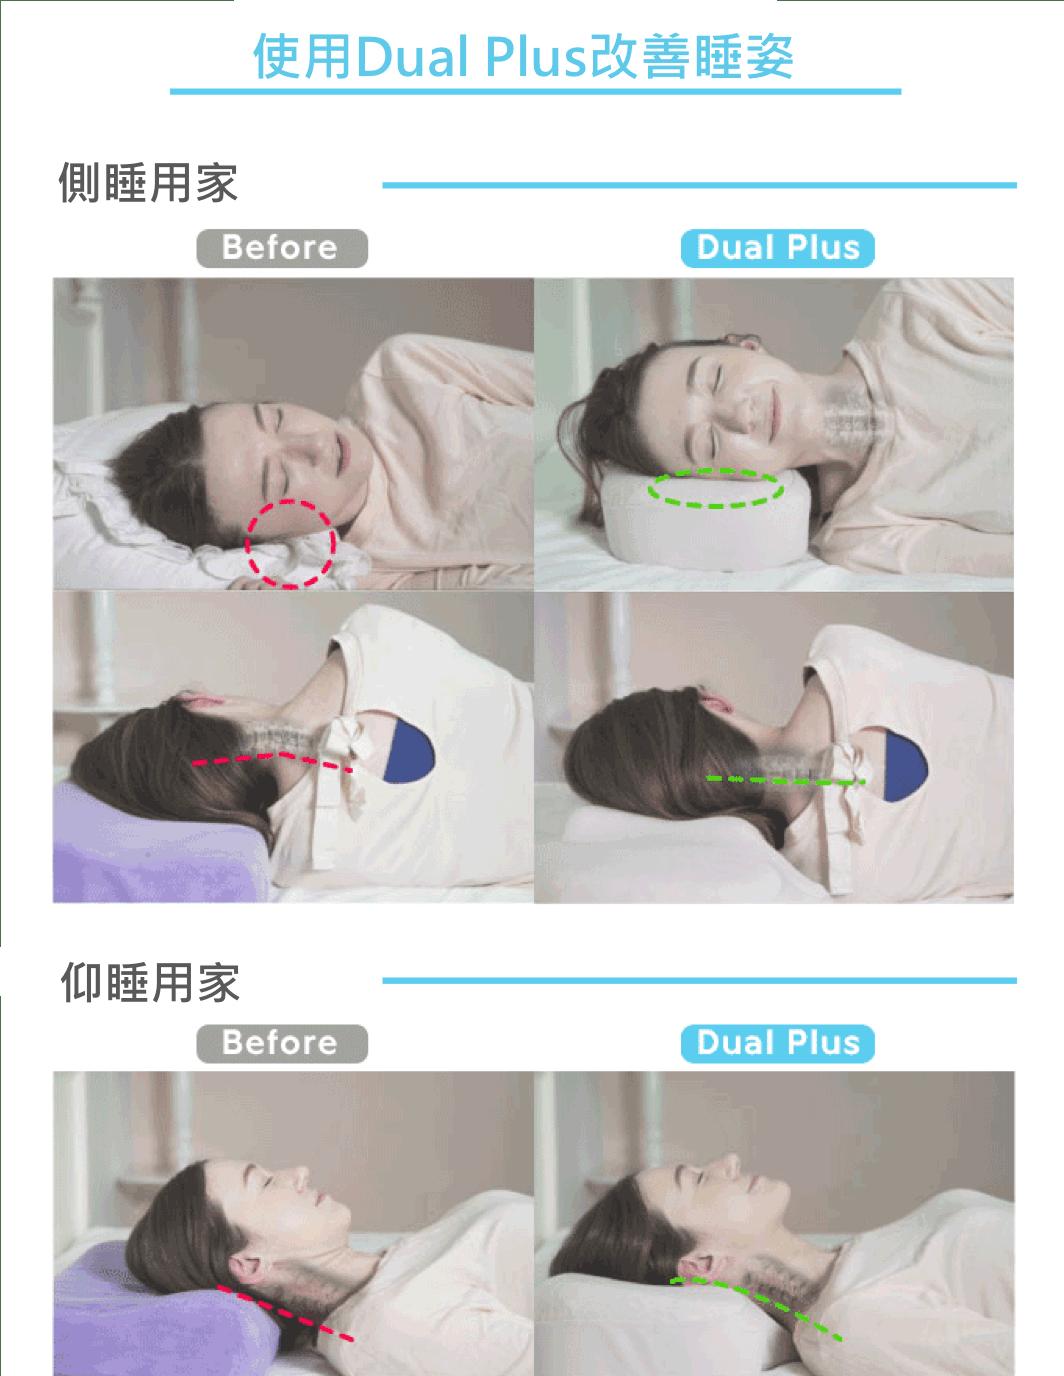 韓國 Dual Plus 護頸枕頭10-min